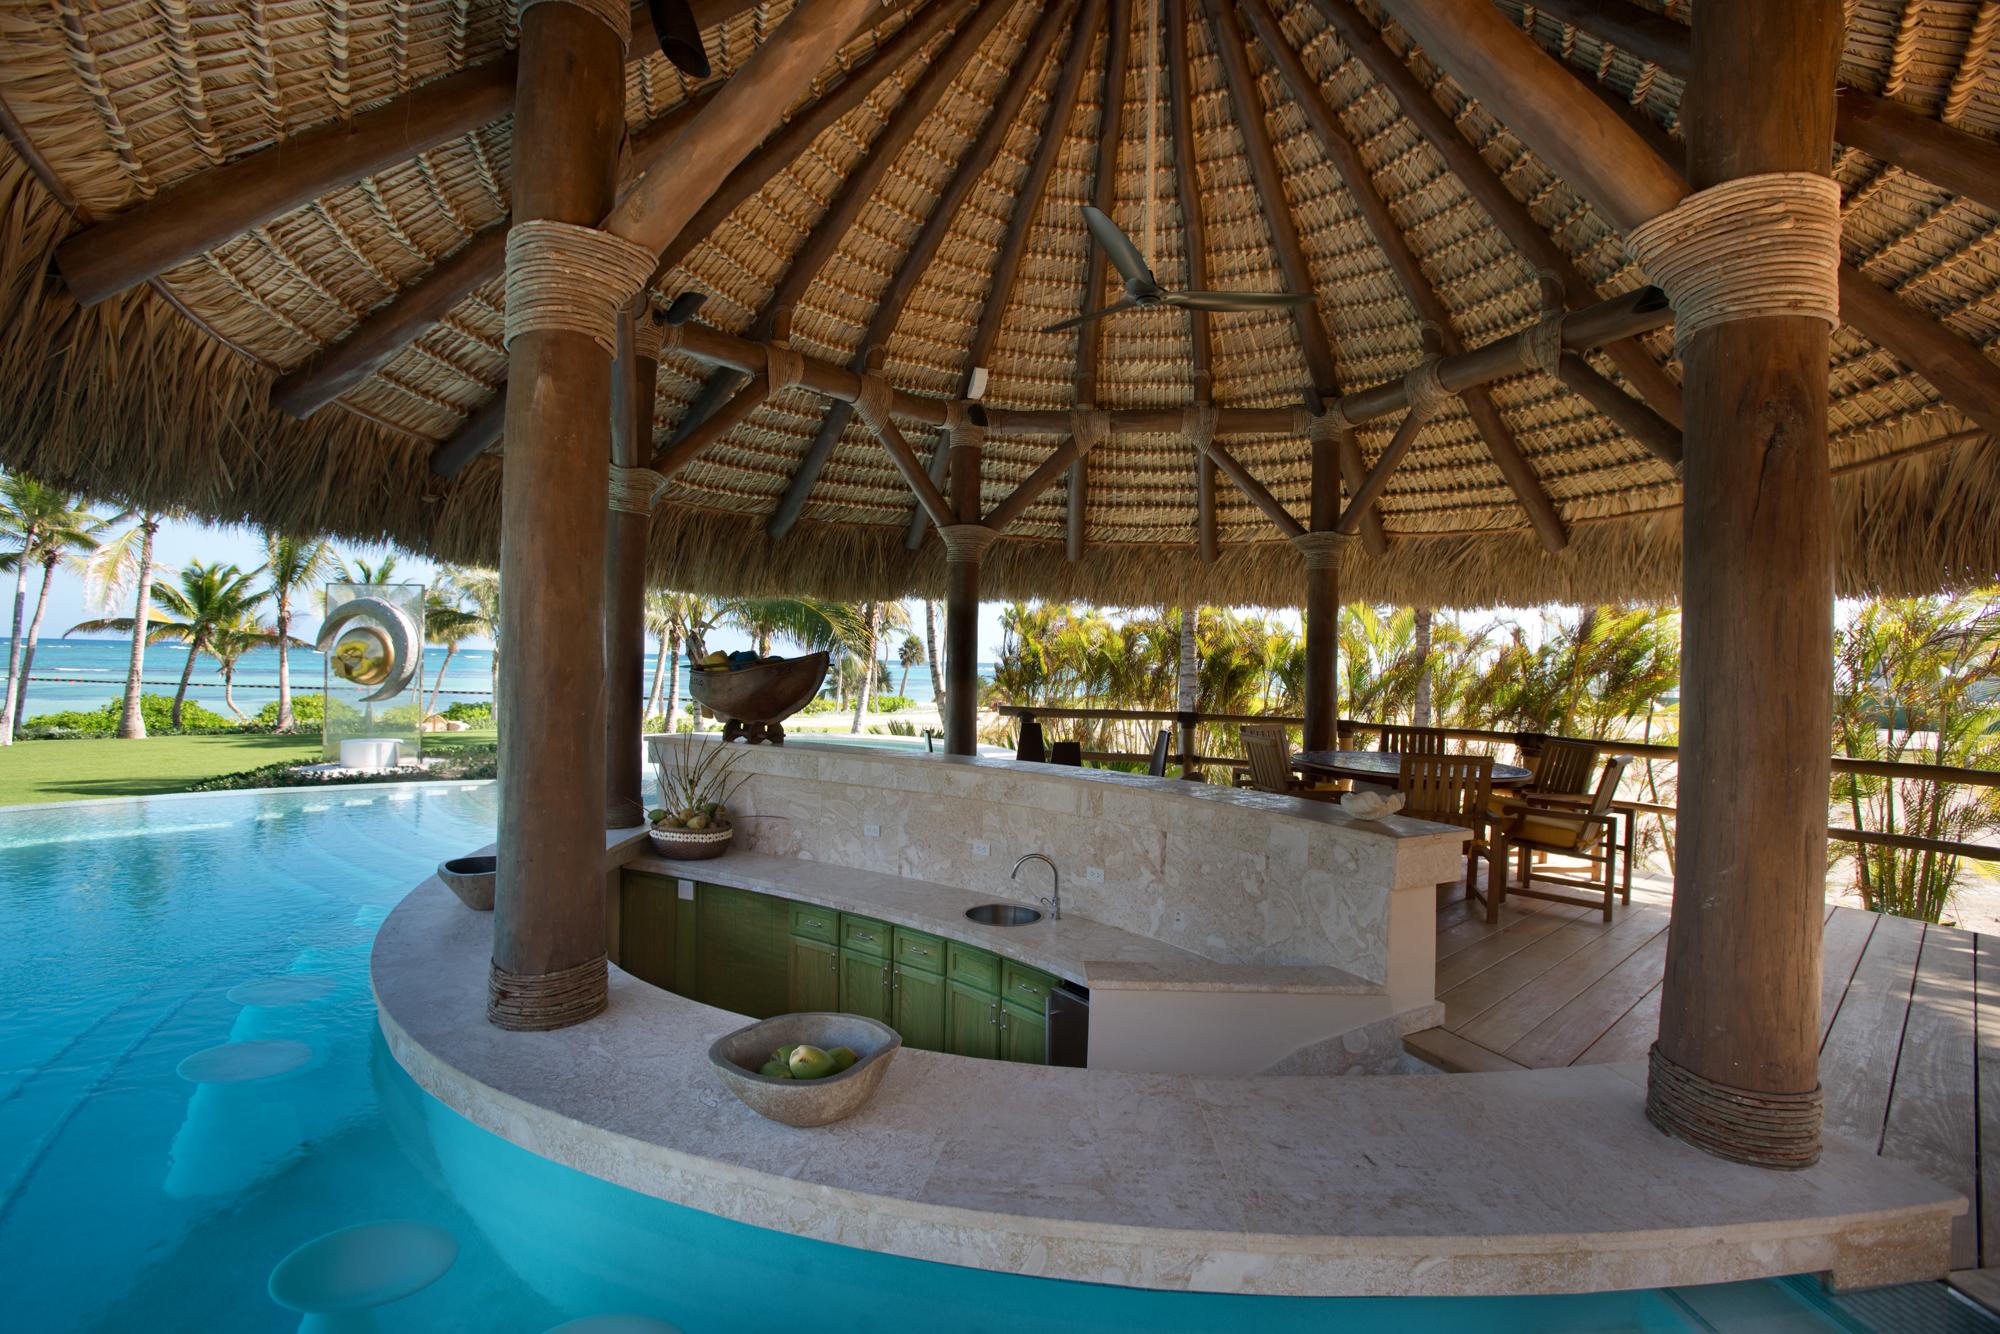 DR300 Pool Cabana Bar